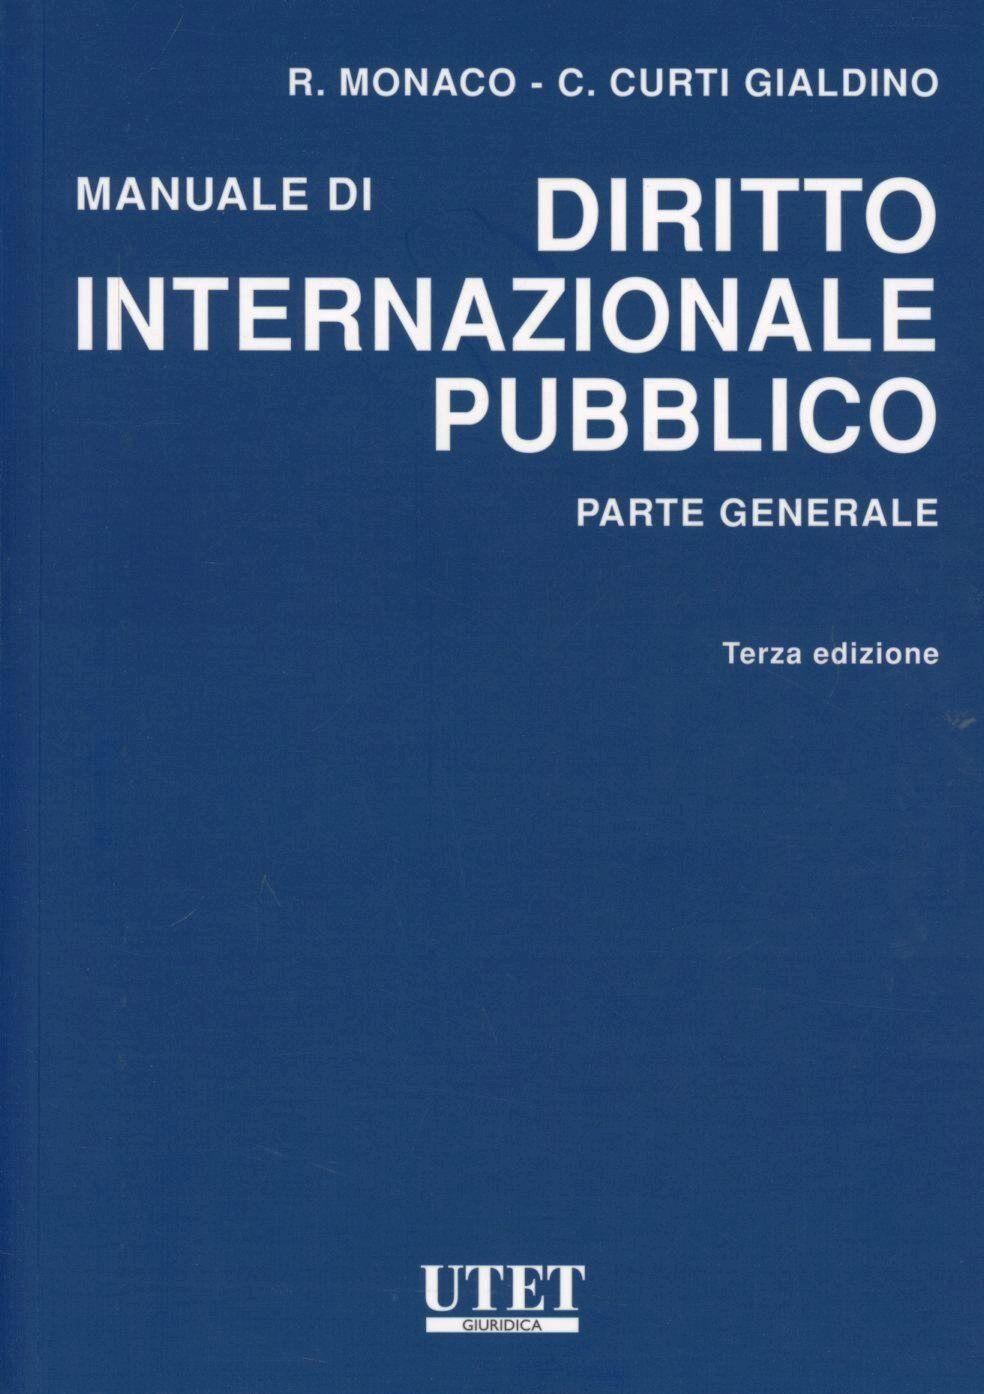 Manuale di diritto internazionale pubblico. Parte generale